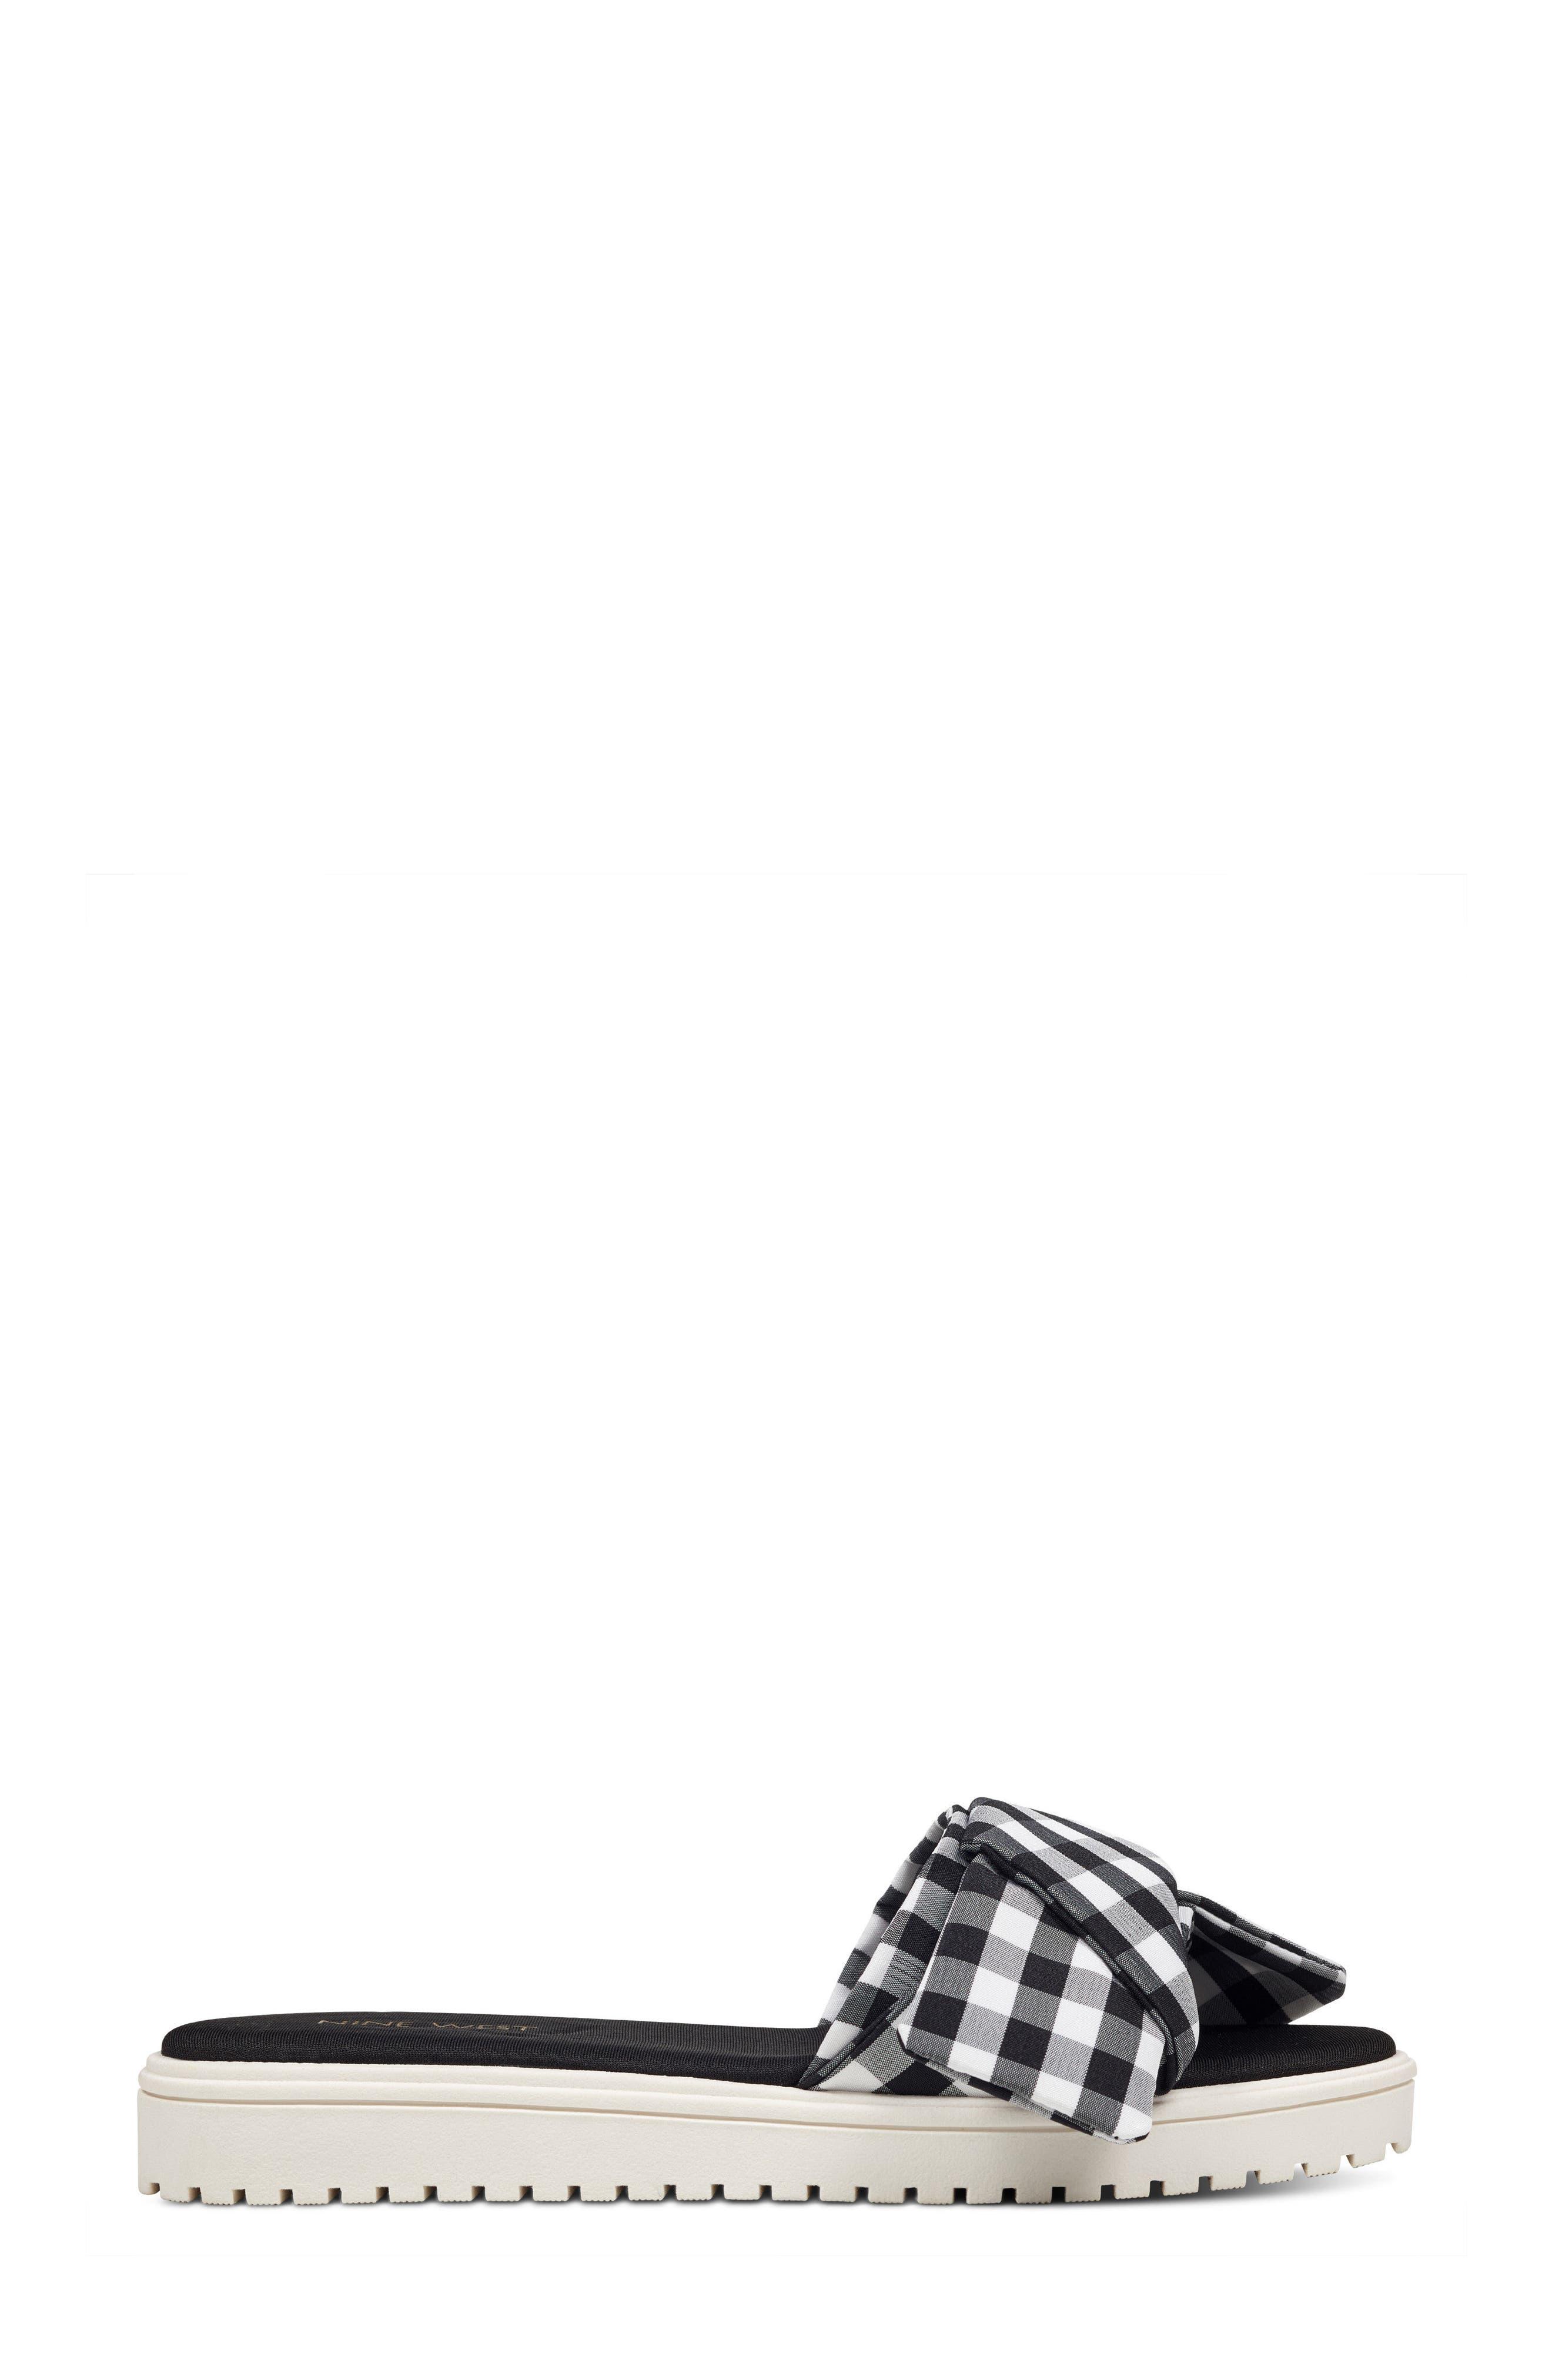 Ruth Slide Sandal,                             Alternate thumbnail 3, color,                             Black/ White Fabric